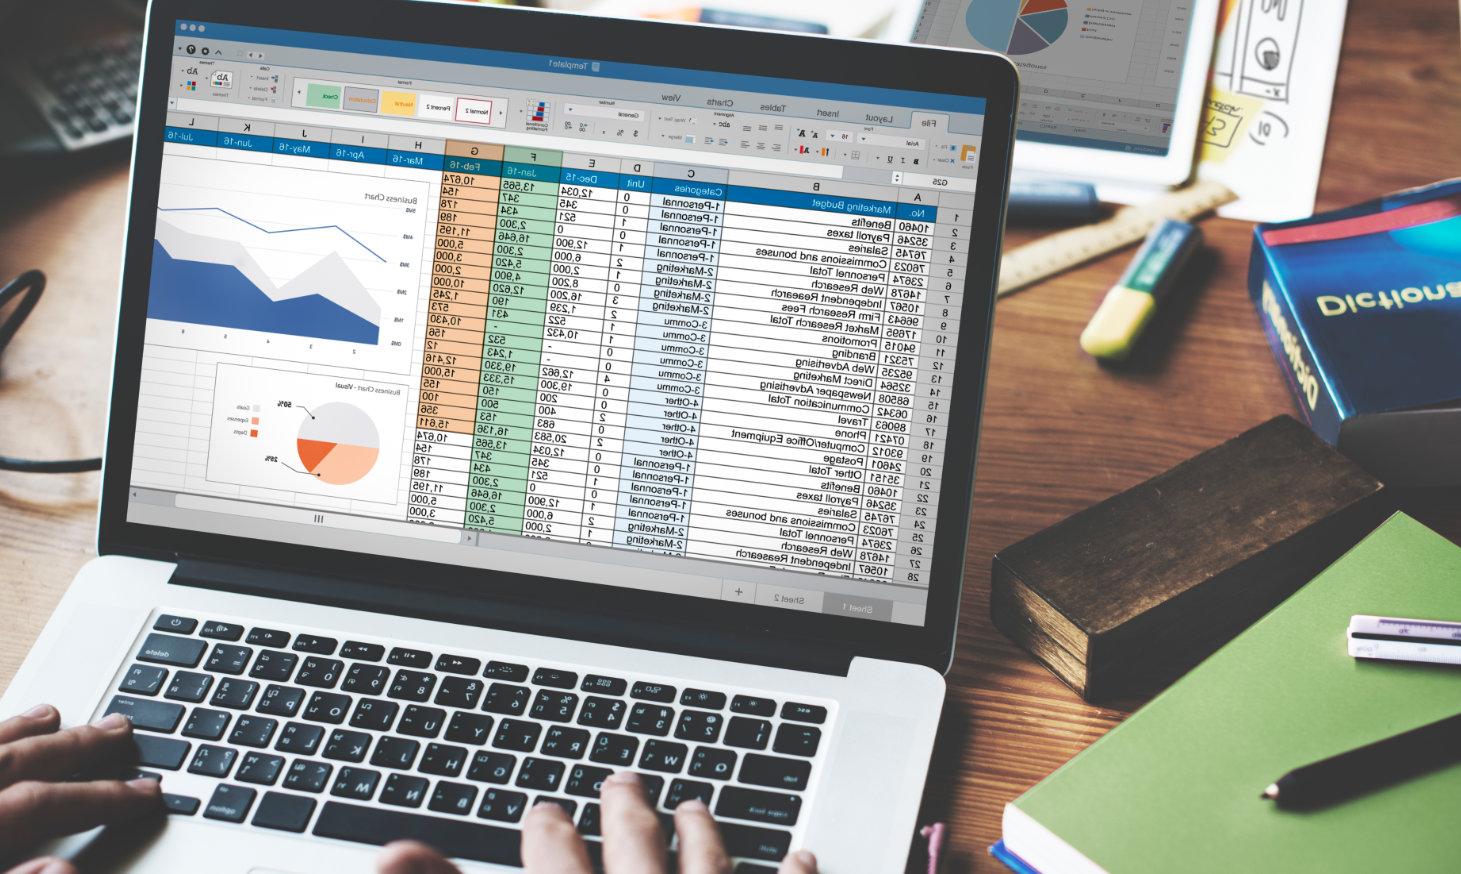 專家推薦使用免費的轉換率優化工具,使你的客戶銷售額提高 消費者的介面操作習慣